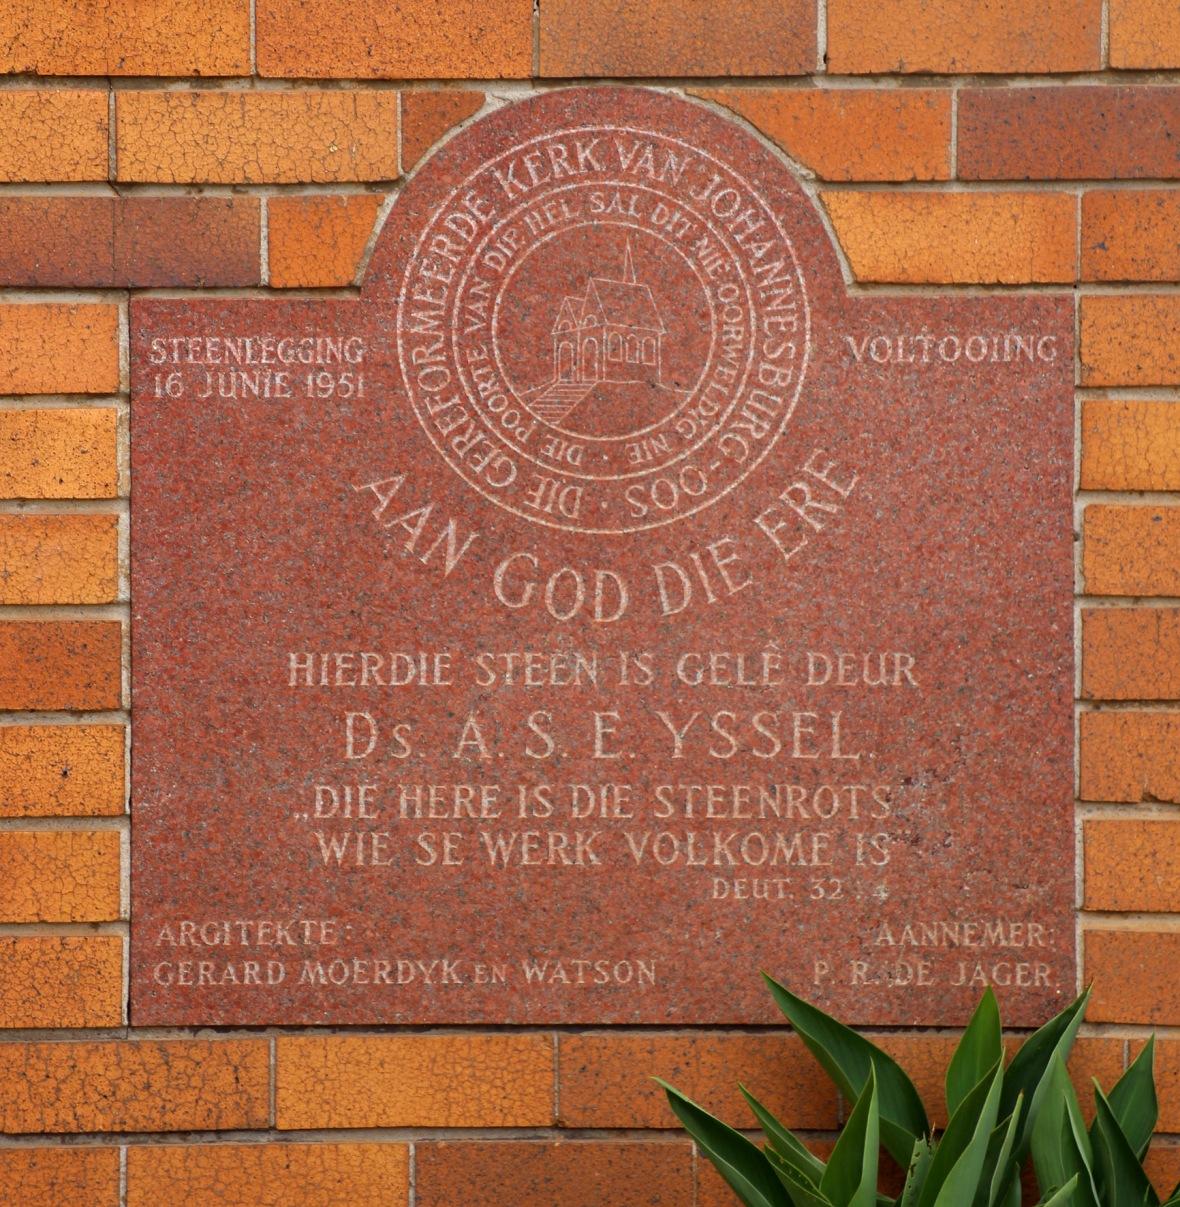 Hoeksteen Gereformeerde kerk Johannesburg-Oos